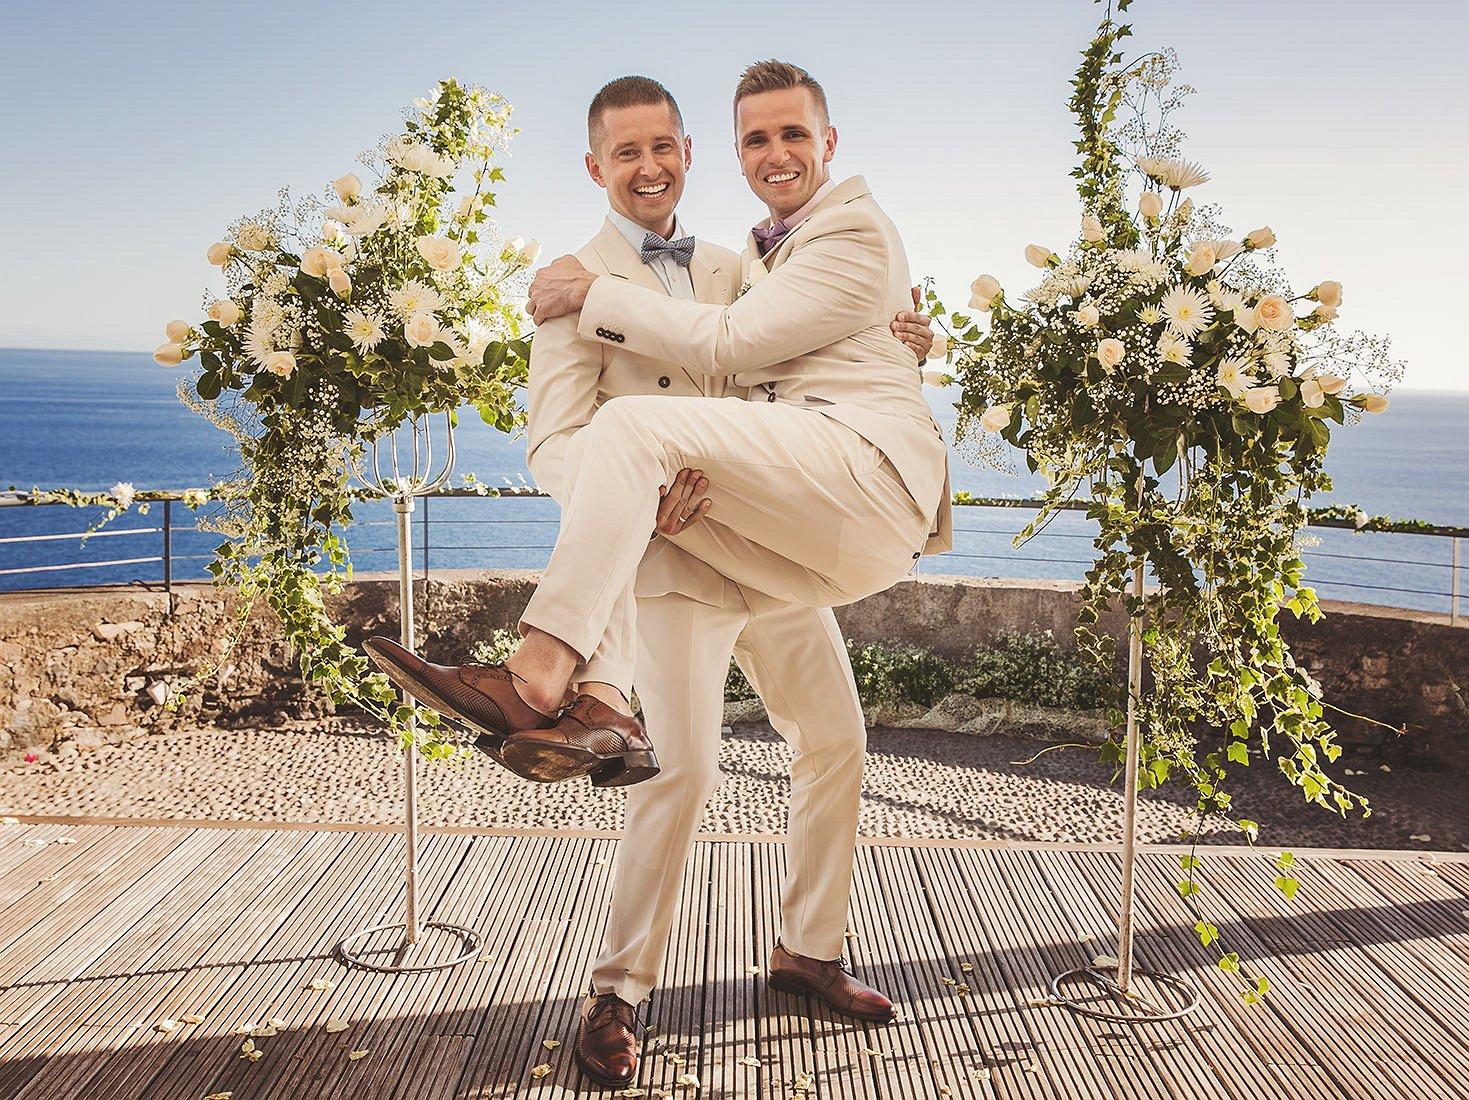 Smelt weg bij deze sprookjesachtige bruiloftfoto's